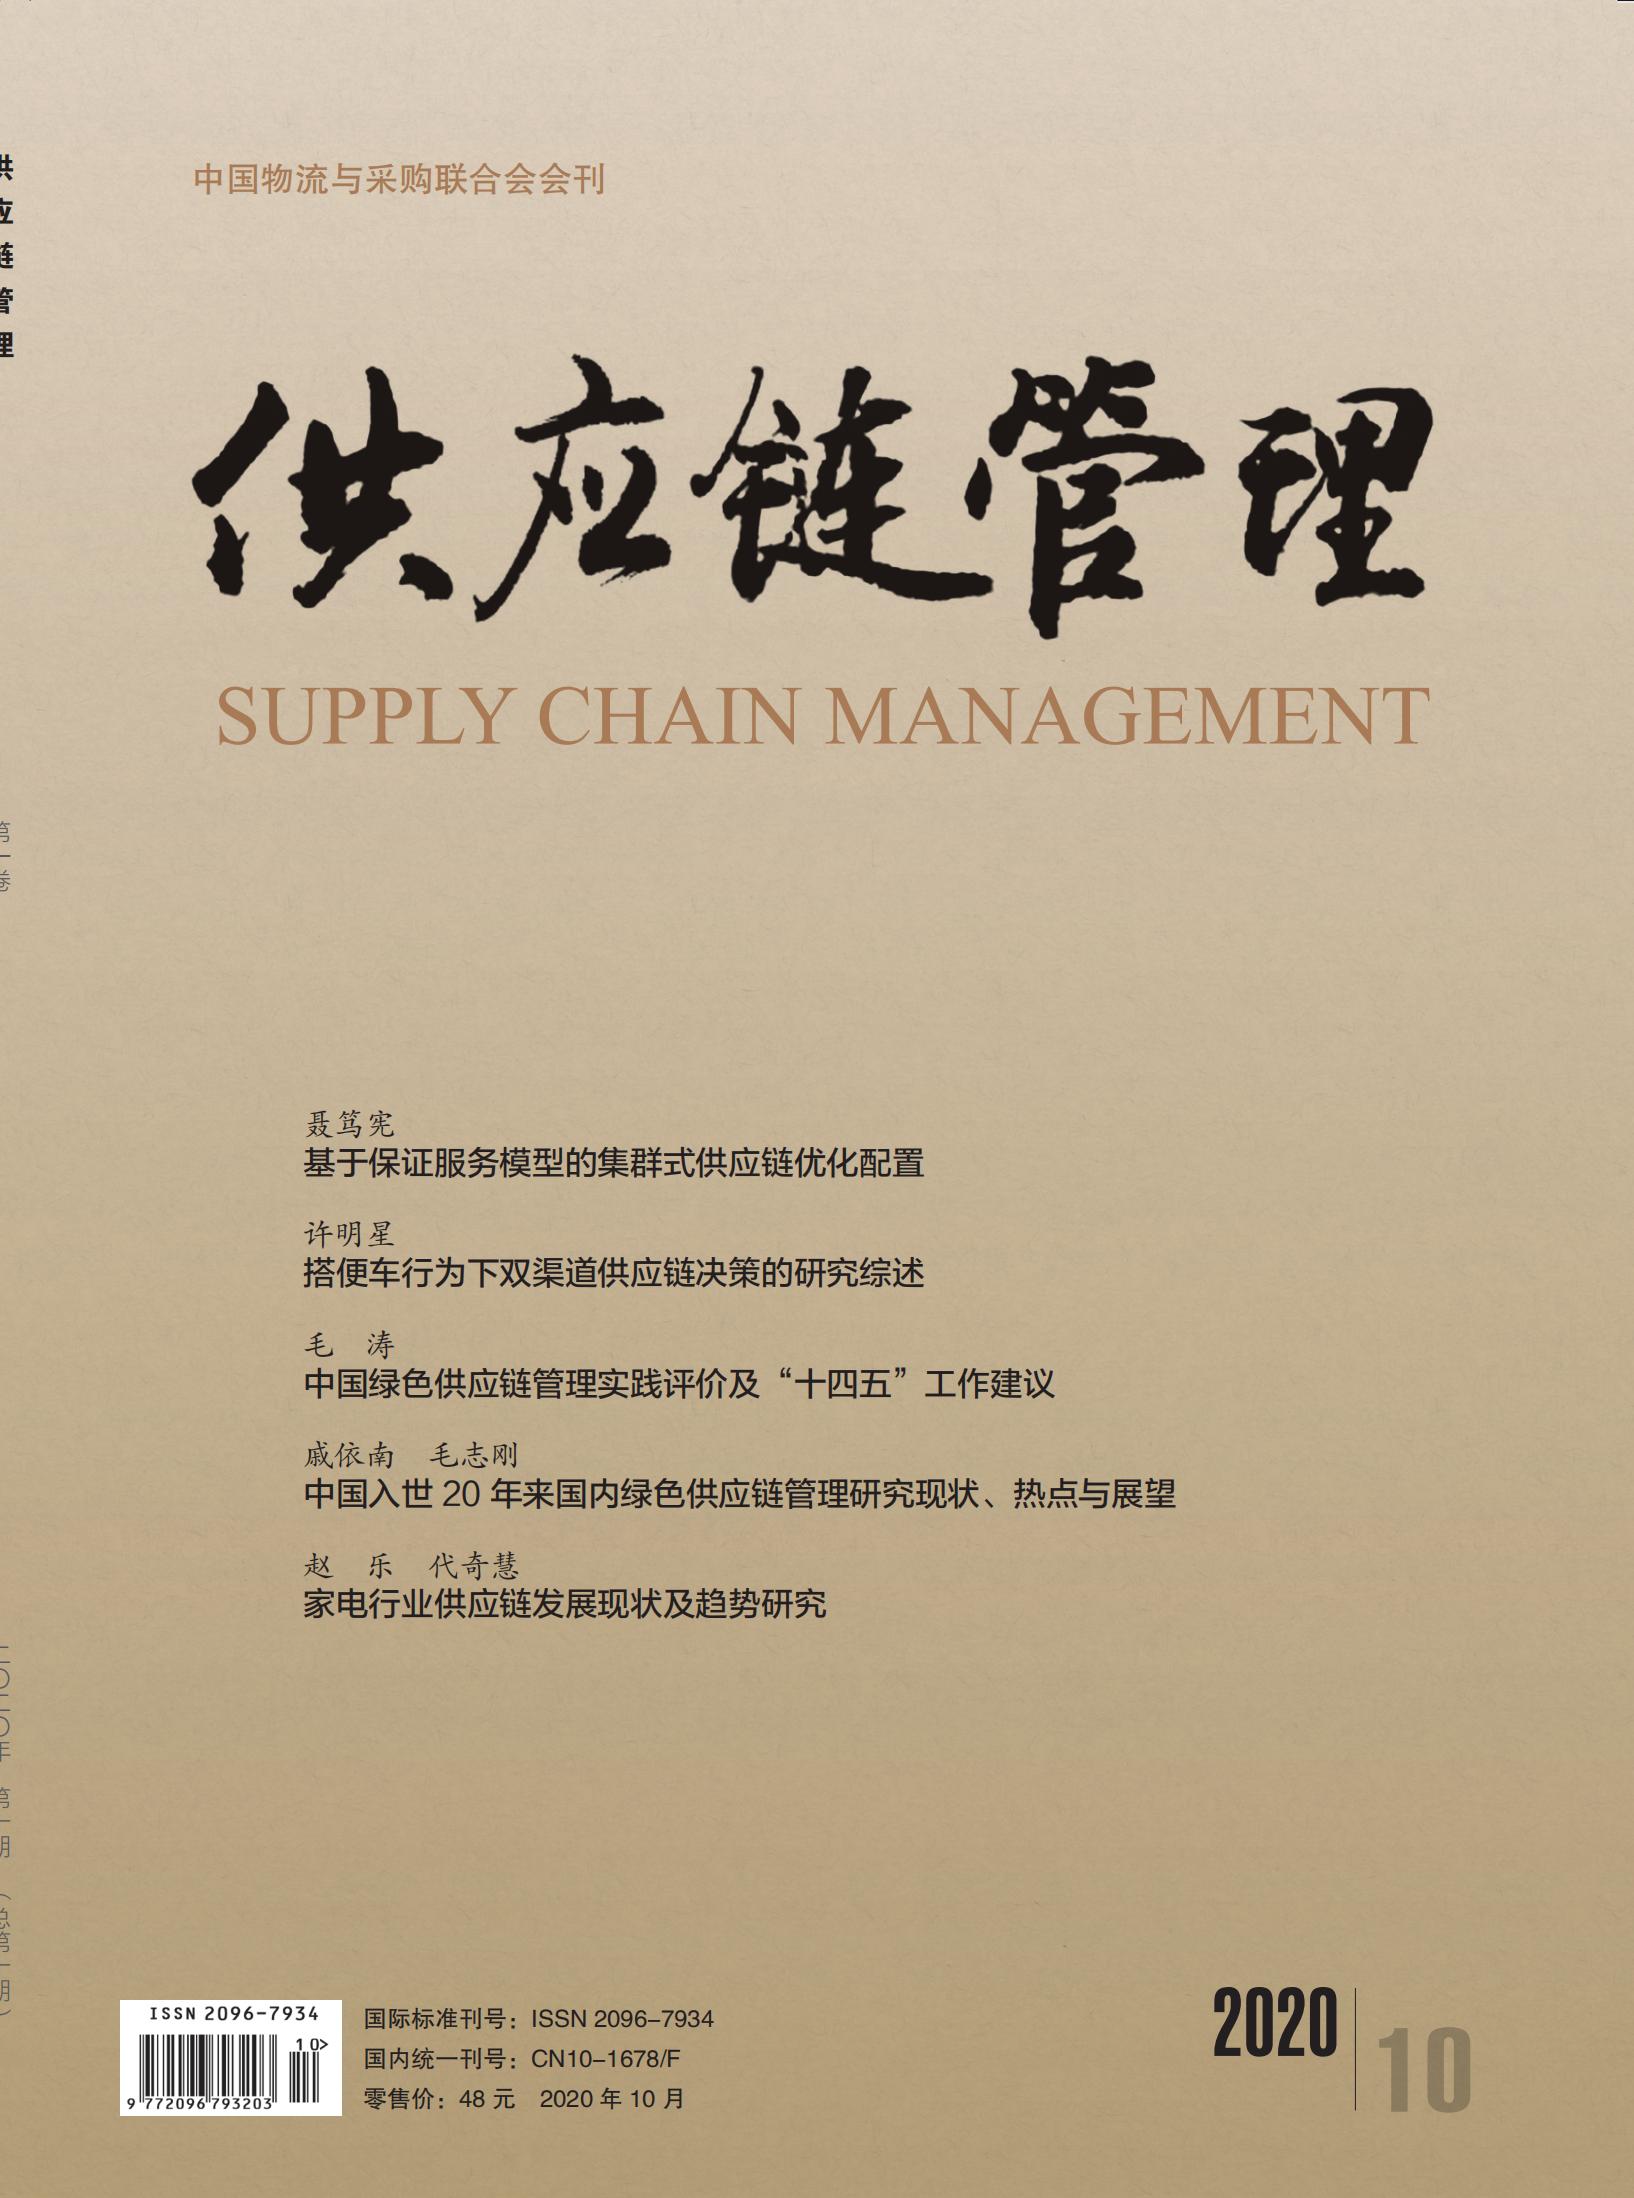 中国唯一《供应链管理》杂志电子版 2020-10期